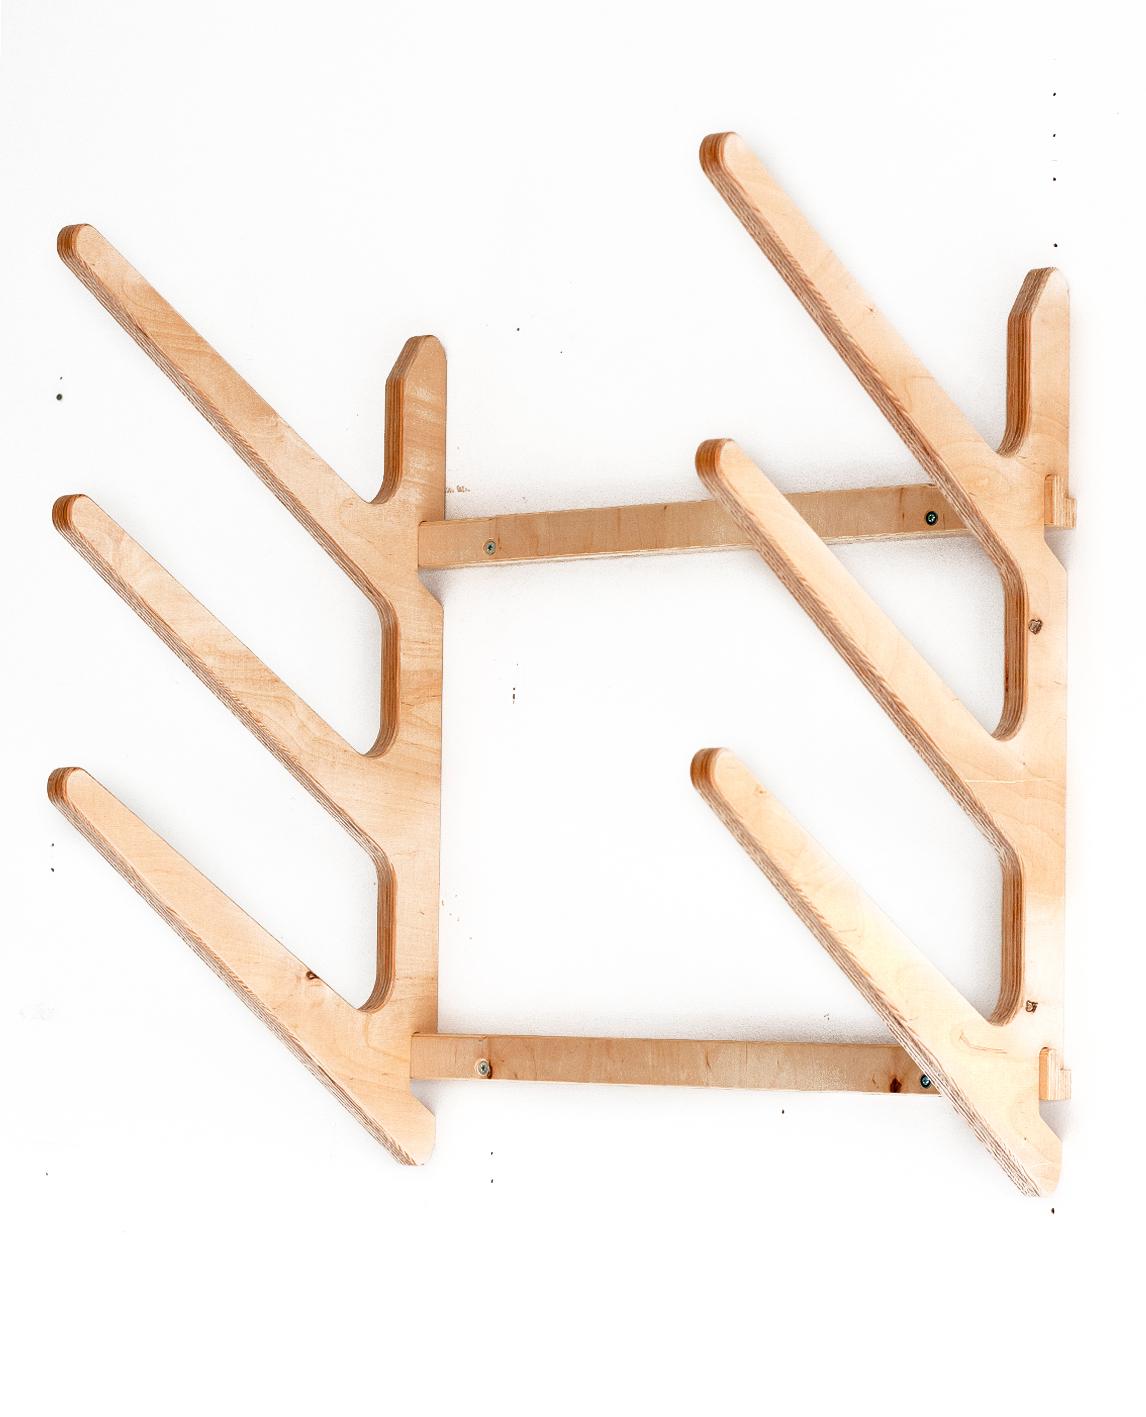 skate_rack3_1